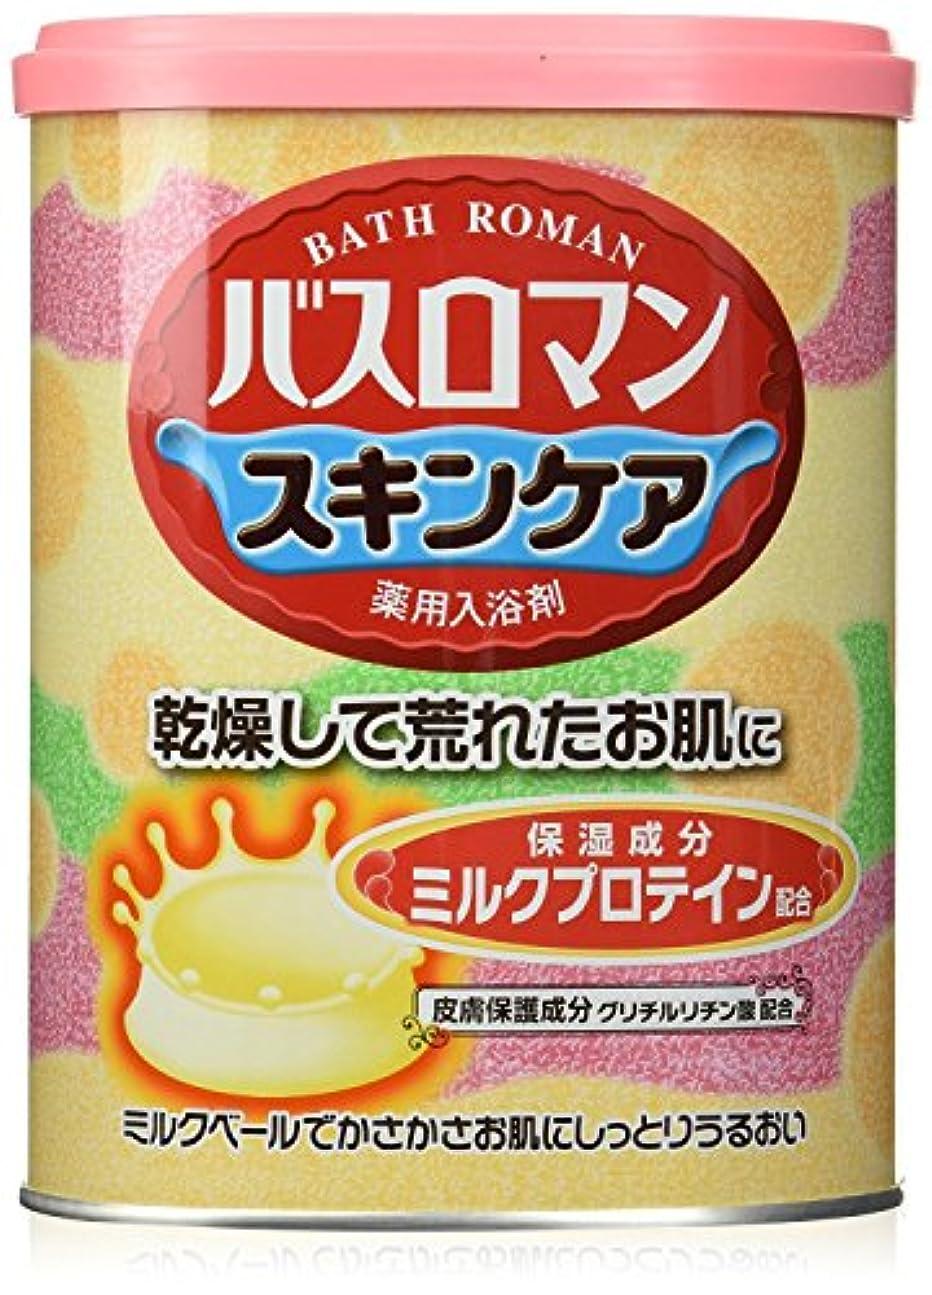 階下季節間違えた【アース製薬】バスロマン スキンケア ミルクプロテイン 680g ×3個セット